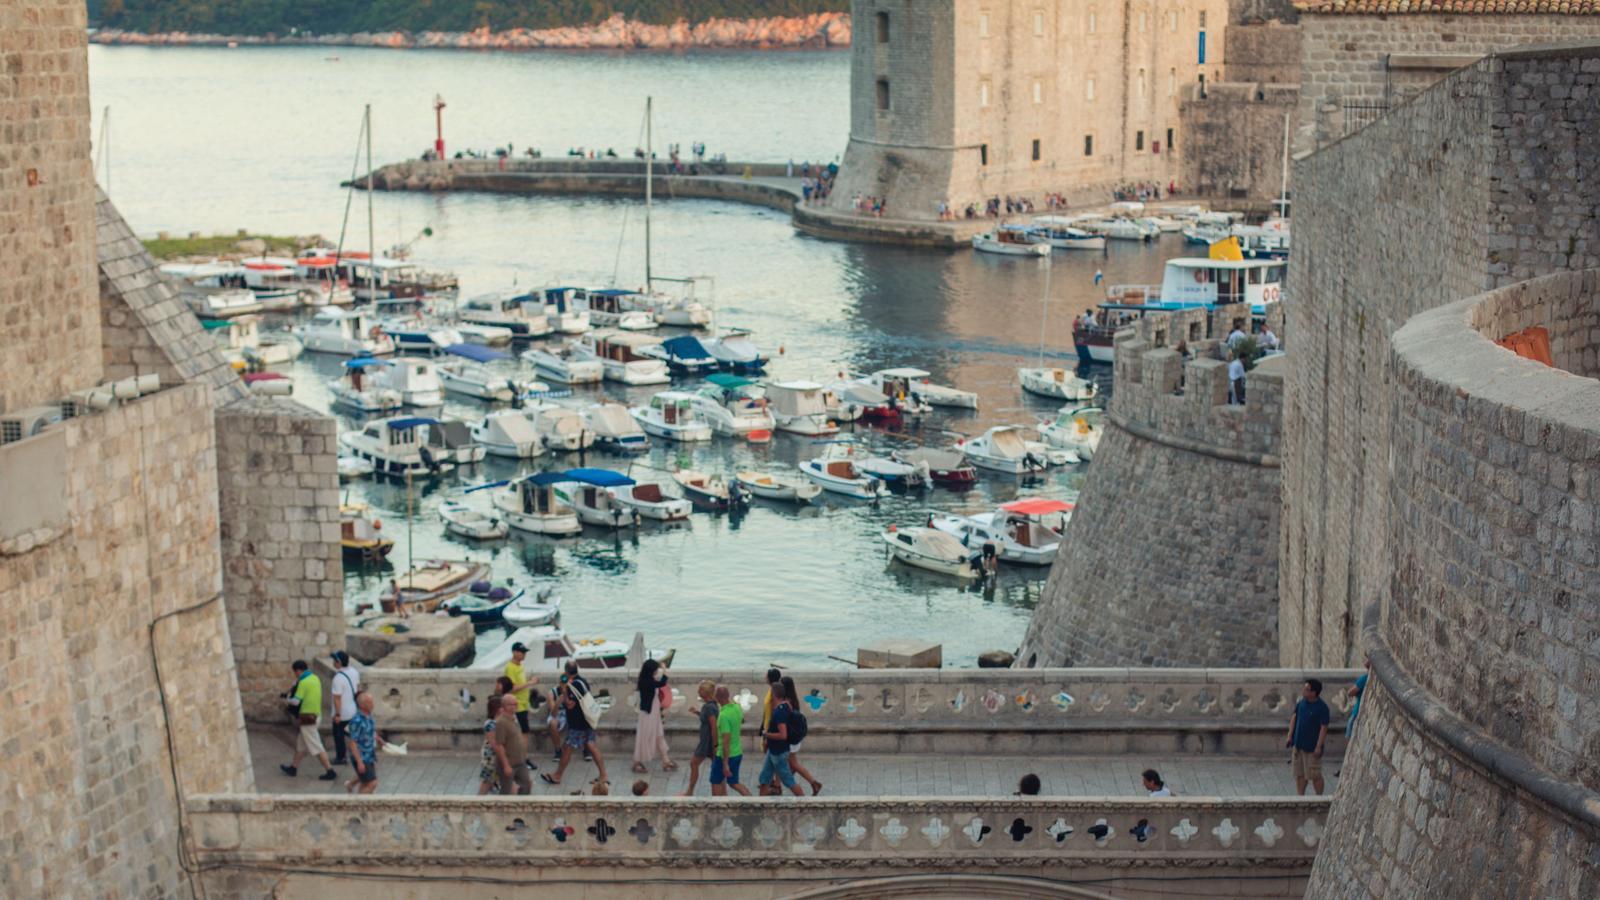 Sunset bridge crossing in Dubrovnik, Croatia